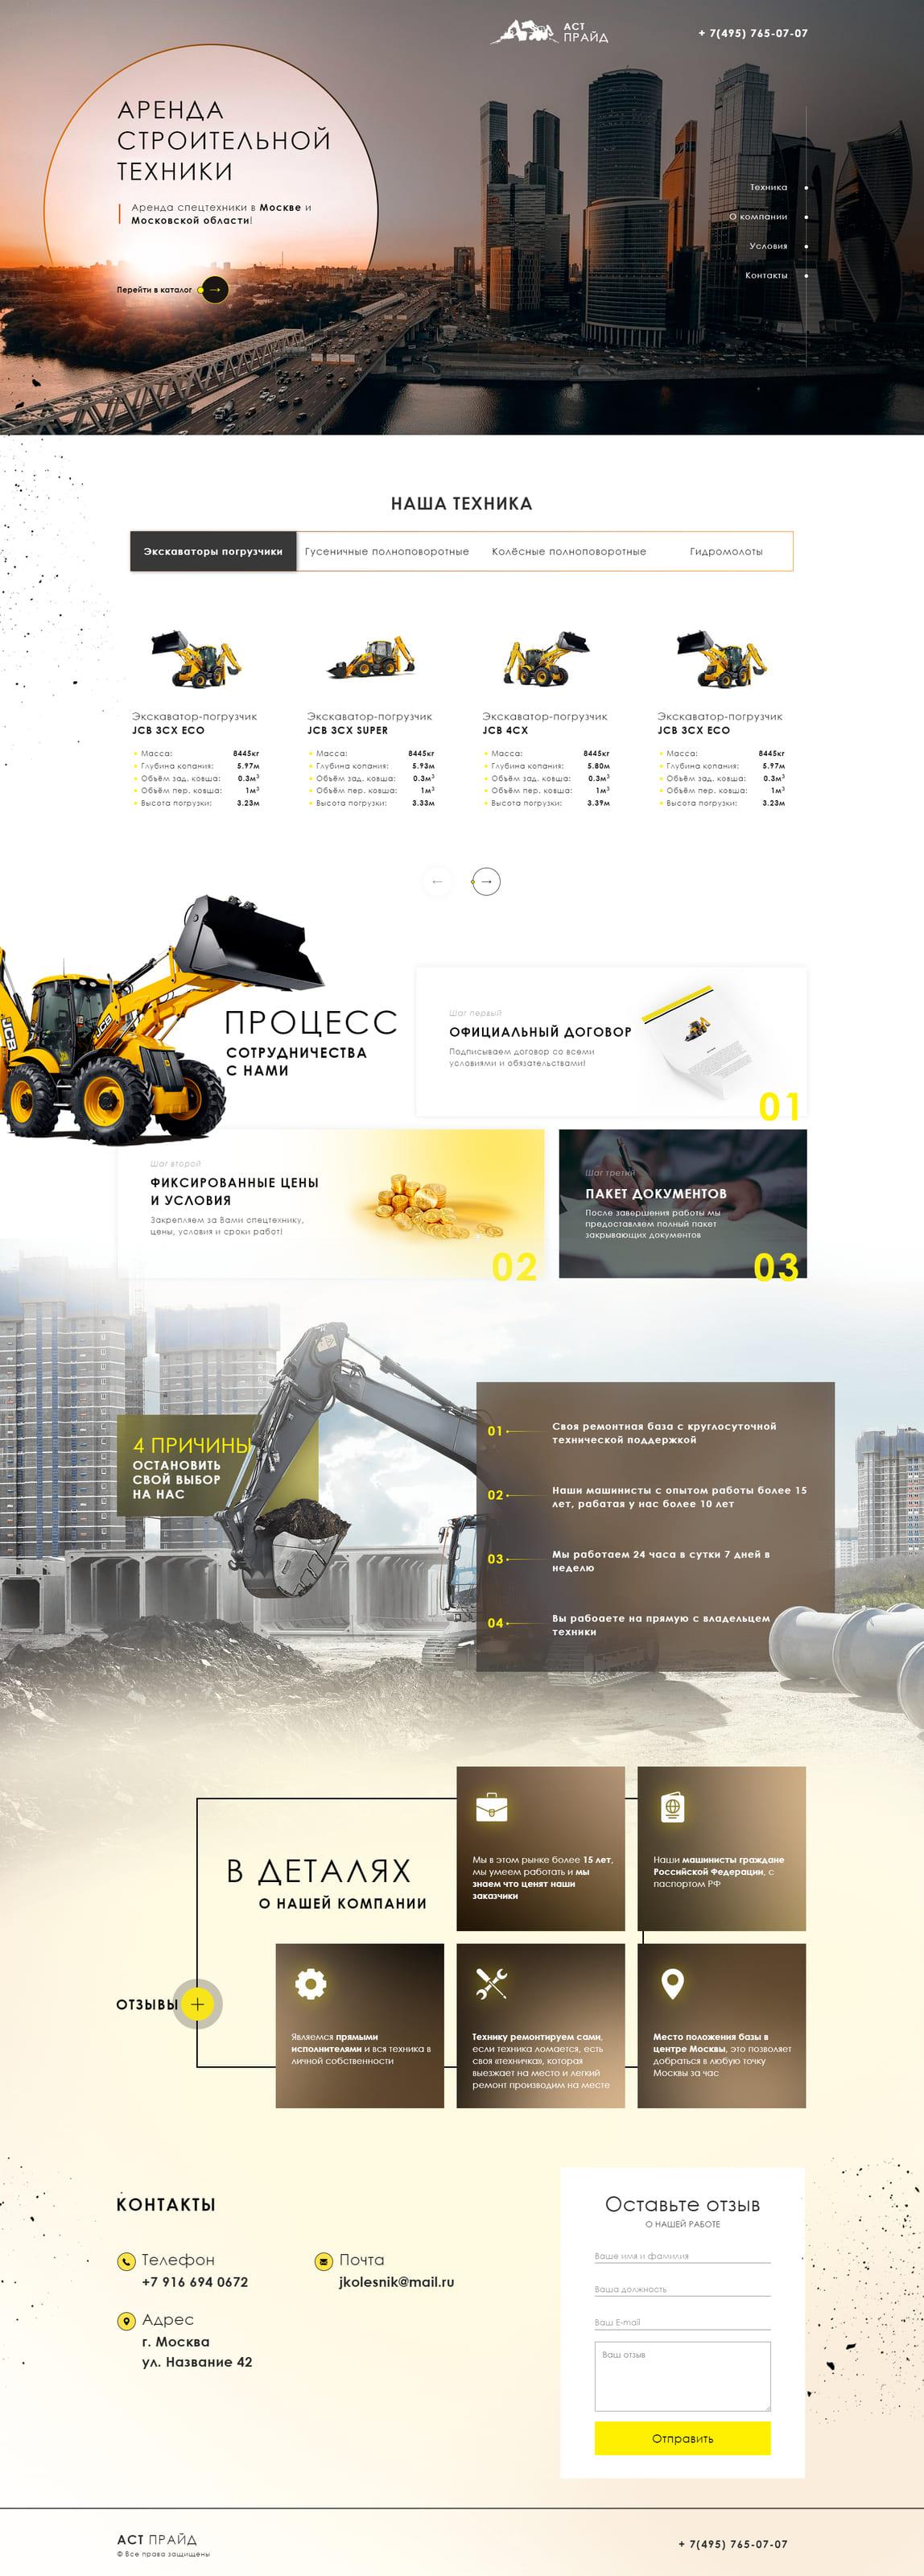 Вёрстка дизайн-макета одностраничного сайта компании